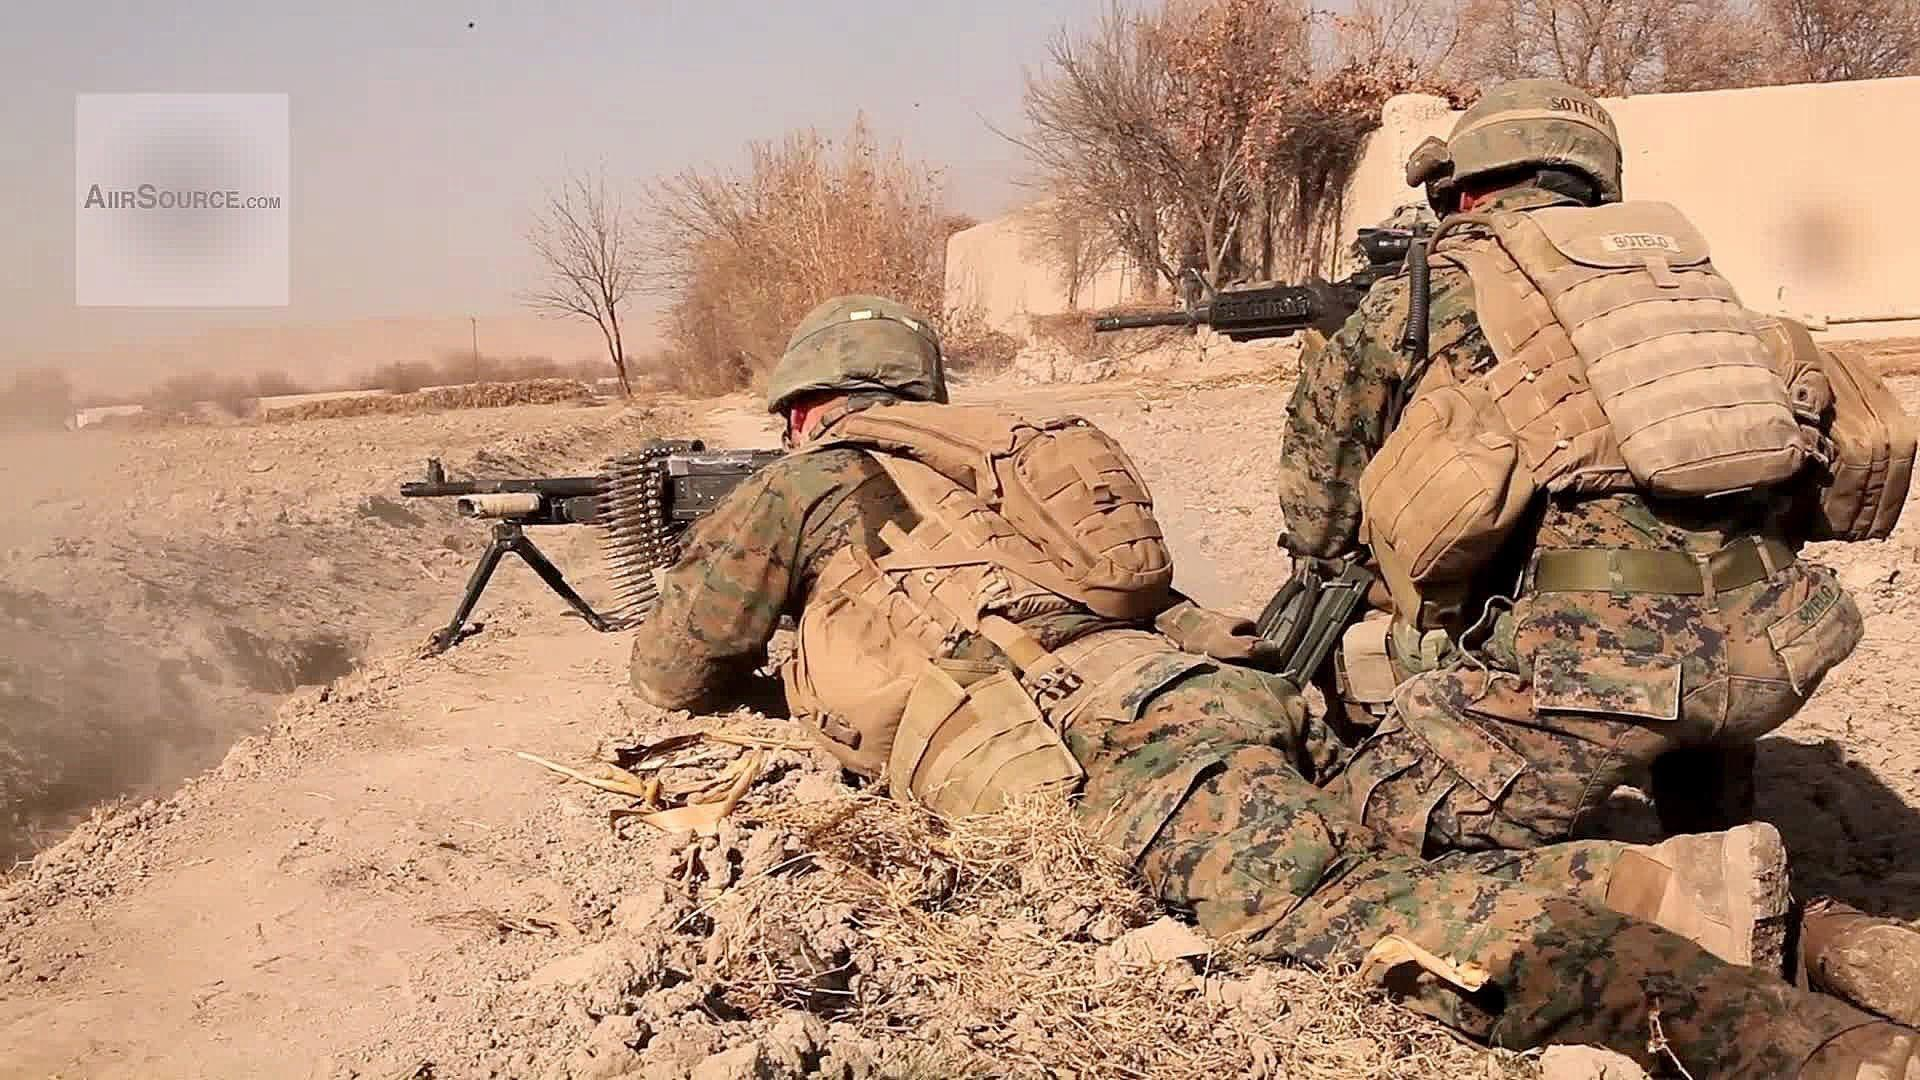 Marines In Combat Wallpapers - Wallpaper Cave